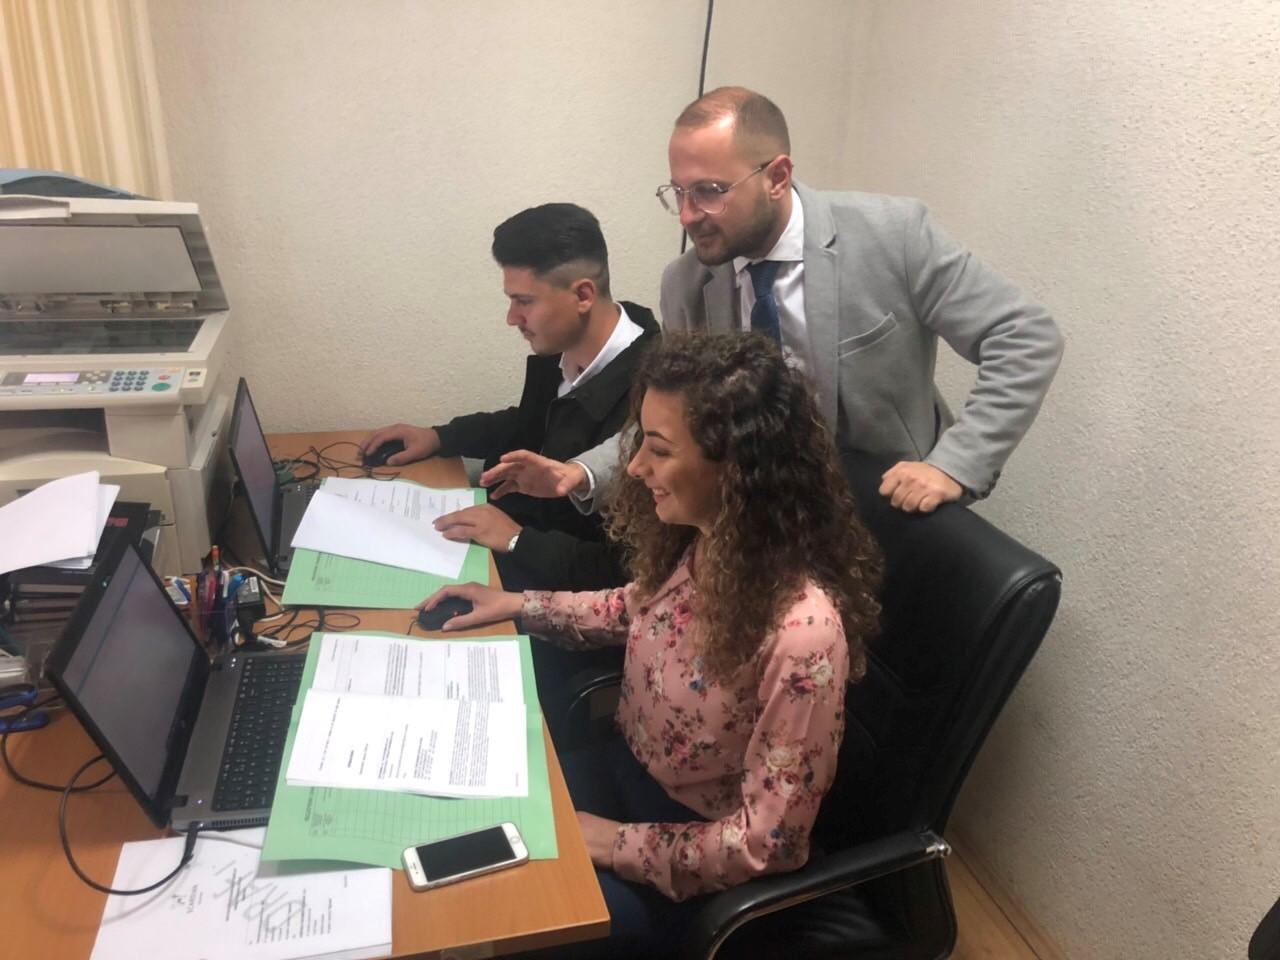 Filloj implementimi i Projektit SMIL në Gjykatën Themelore Mitrovicë – Dega Skenderaj